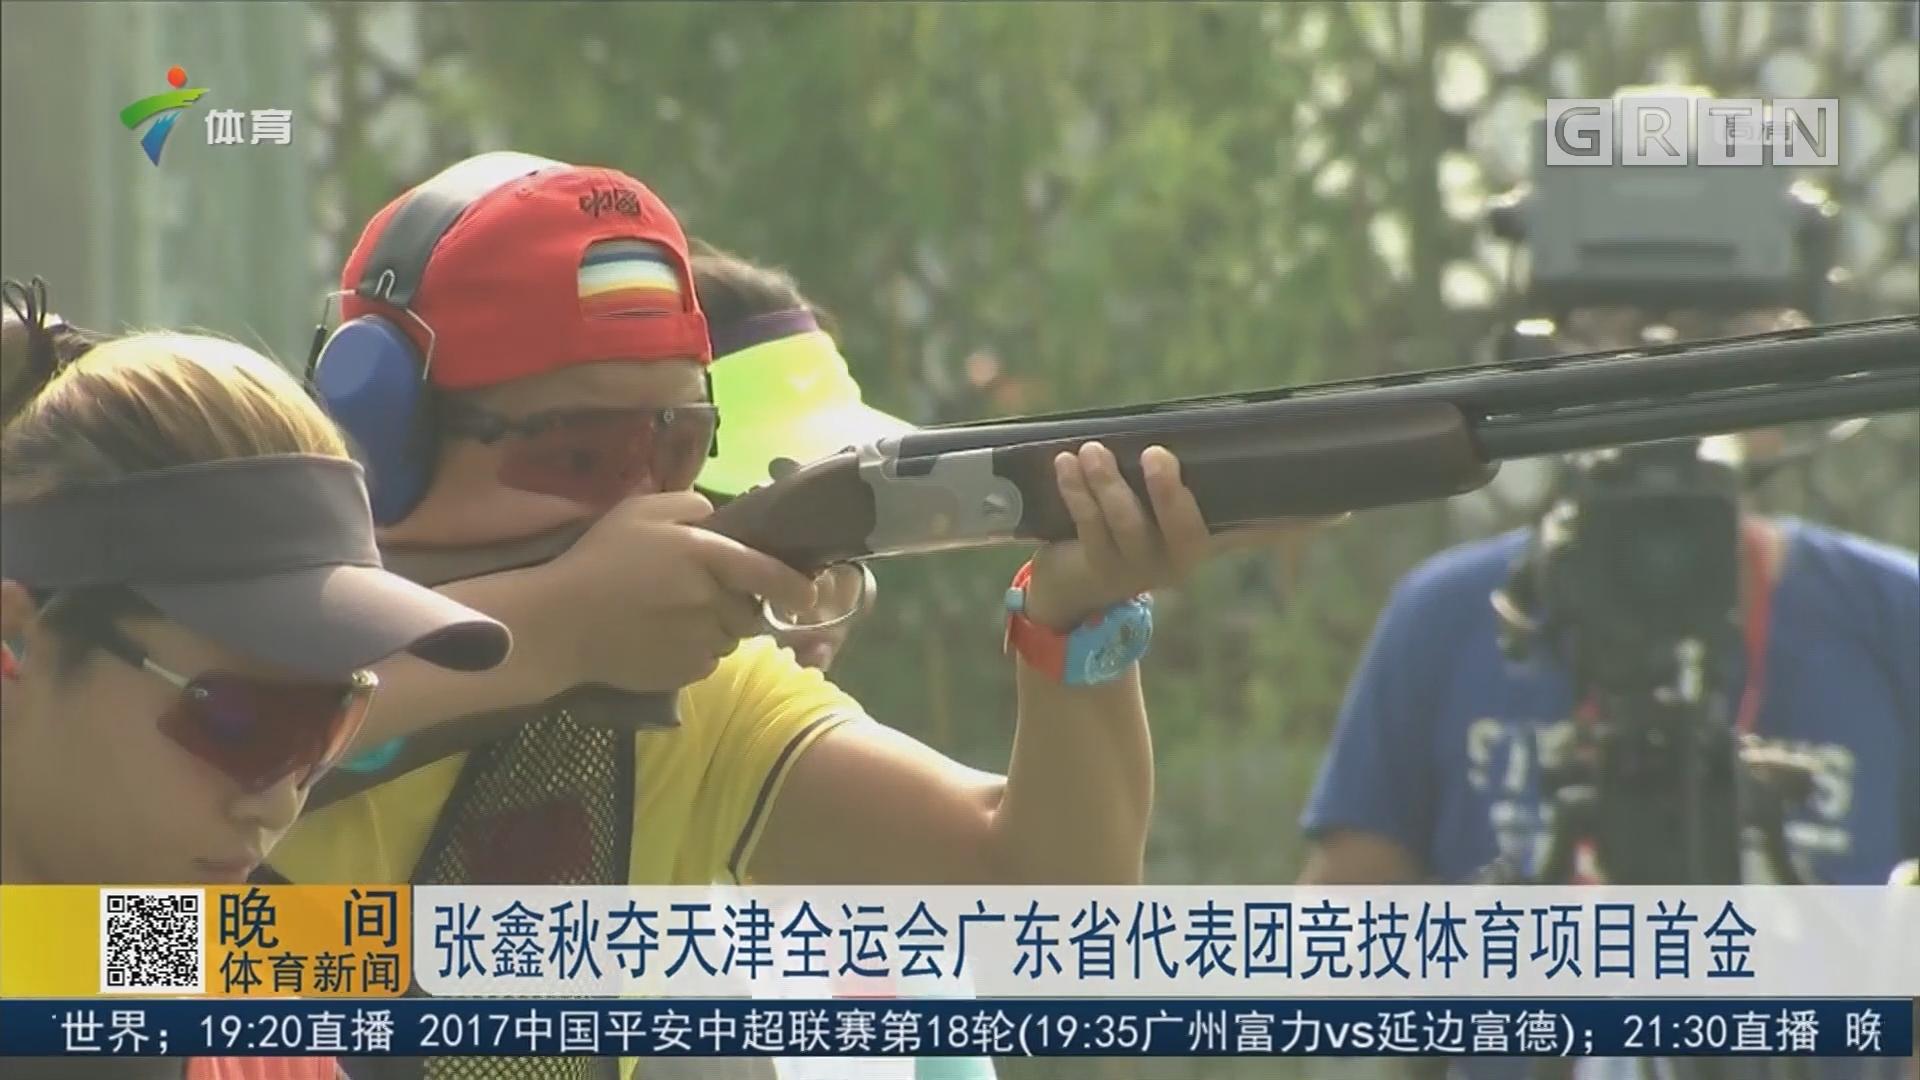 张鑫秋夺天津全运会广东省代表团竞技体育项目首金